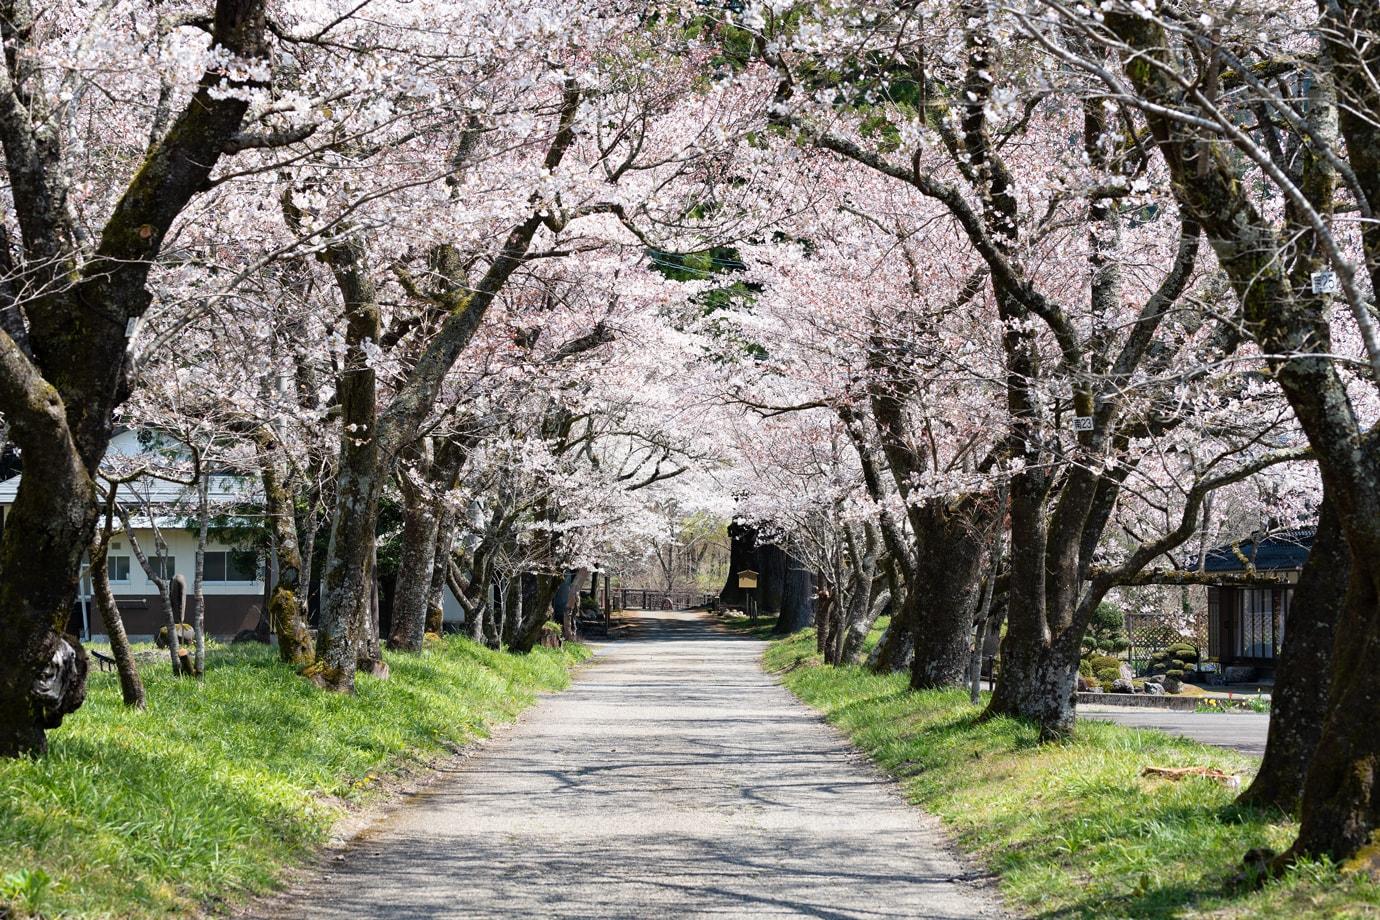 明建神社参道の桜並木 スライダー画像1